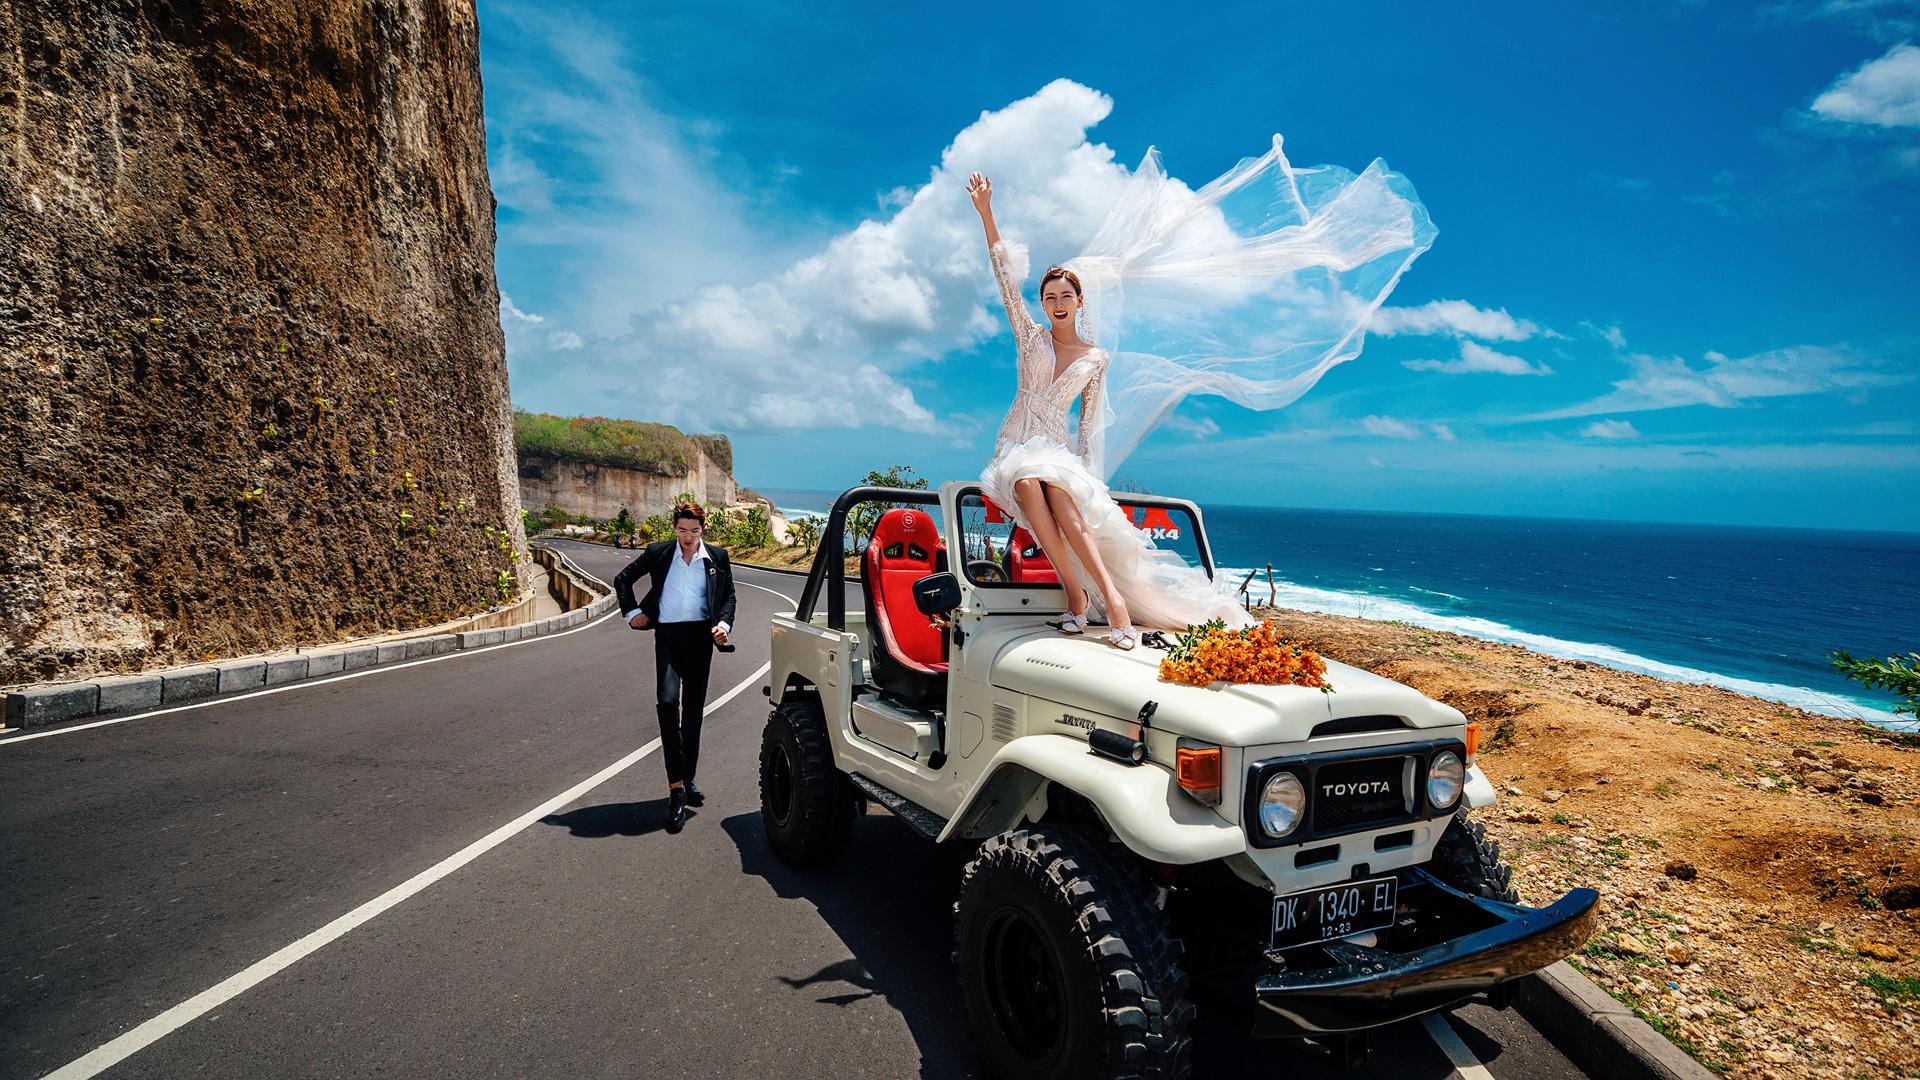 拍摄厦门婚纱照笑不出来怎么办 有哪些技巧和建议